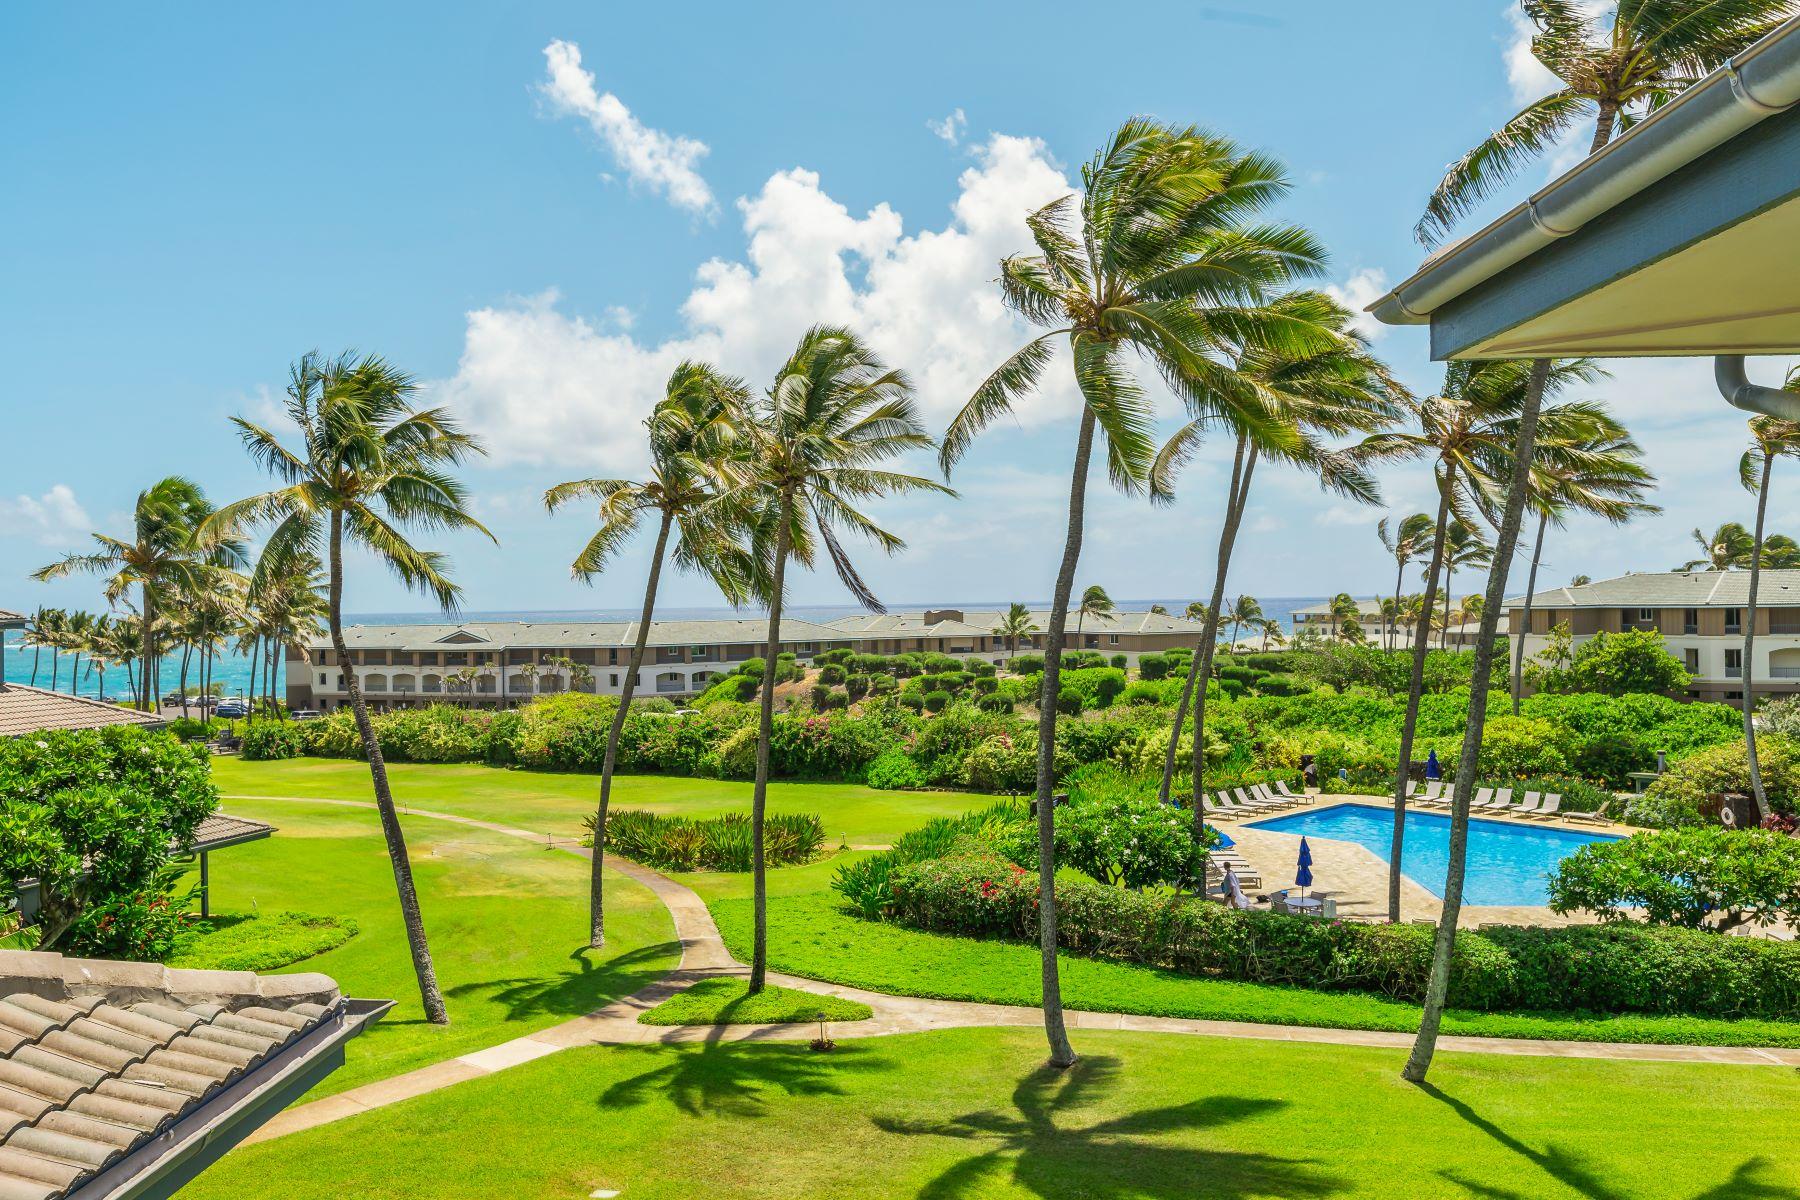 Condominiums for Sale at 1565 PEE RD, #225 KOLOA, HI 96756 1565 PEE RD, #225 Koloa, Hawaii 96756 United States